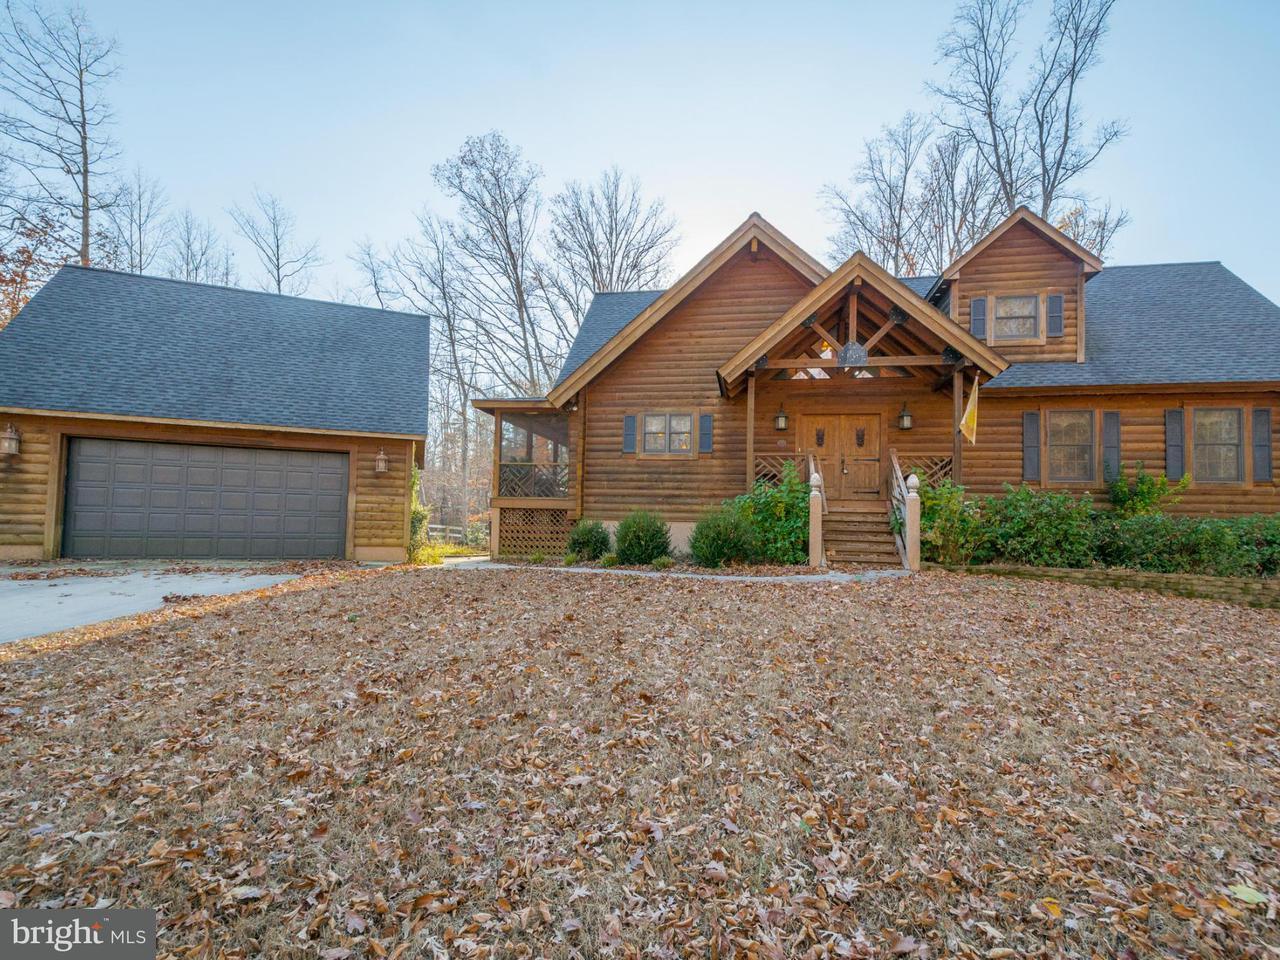 独户住宅 为 销售 在 79 RETRIEVER Court 79 RETRIEVER Court Bumpass, 弗吉尼亚州 23024 美国